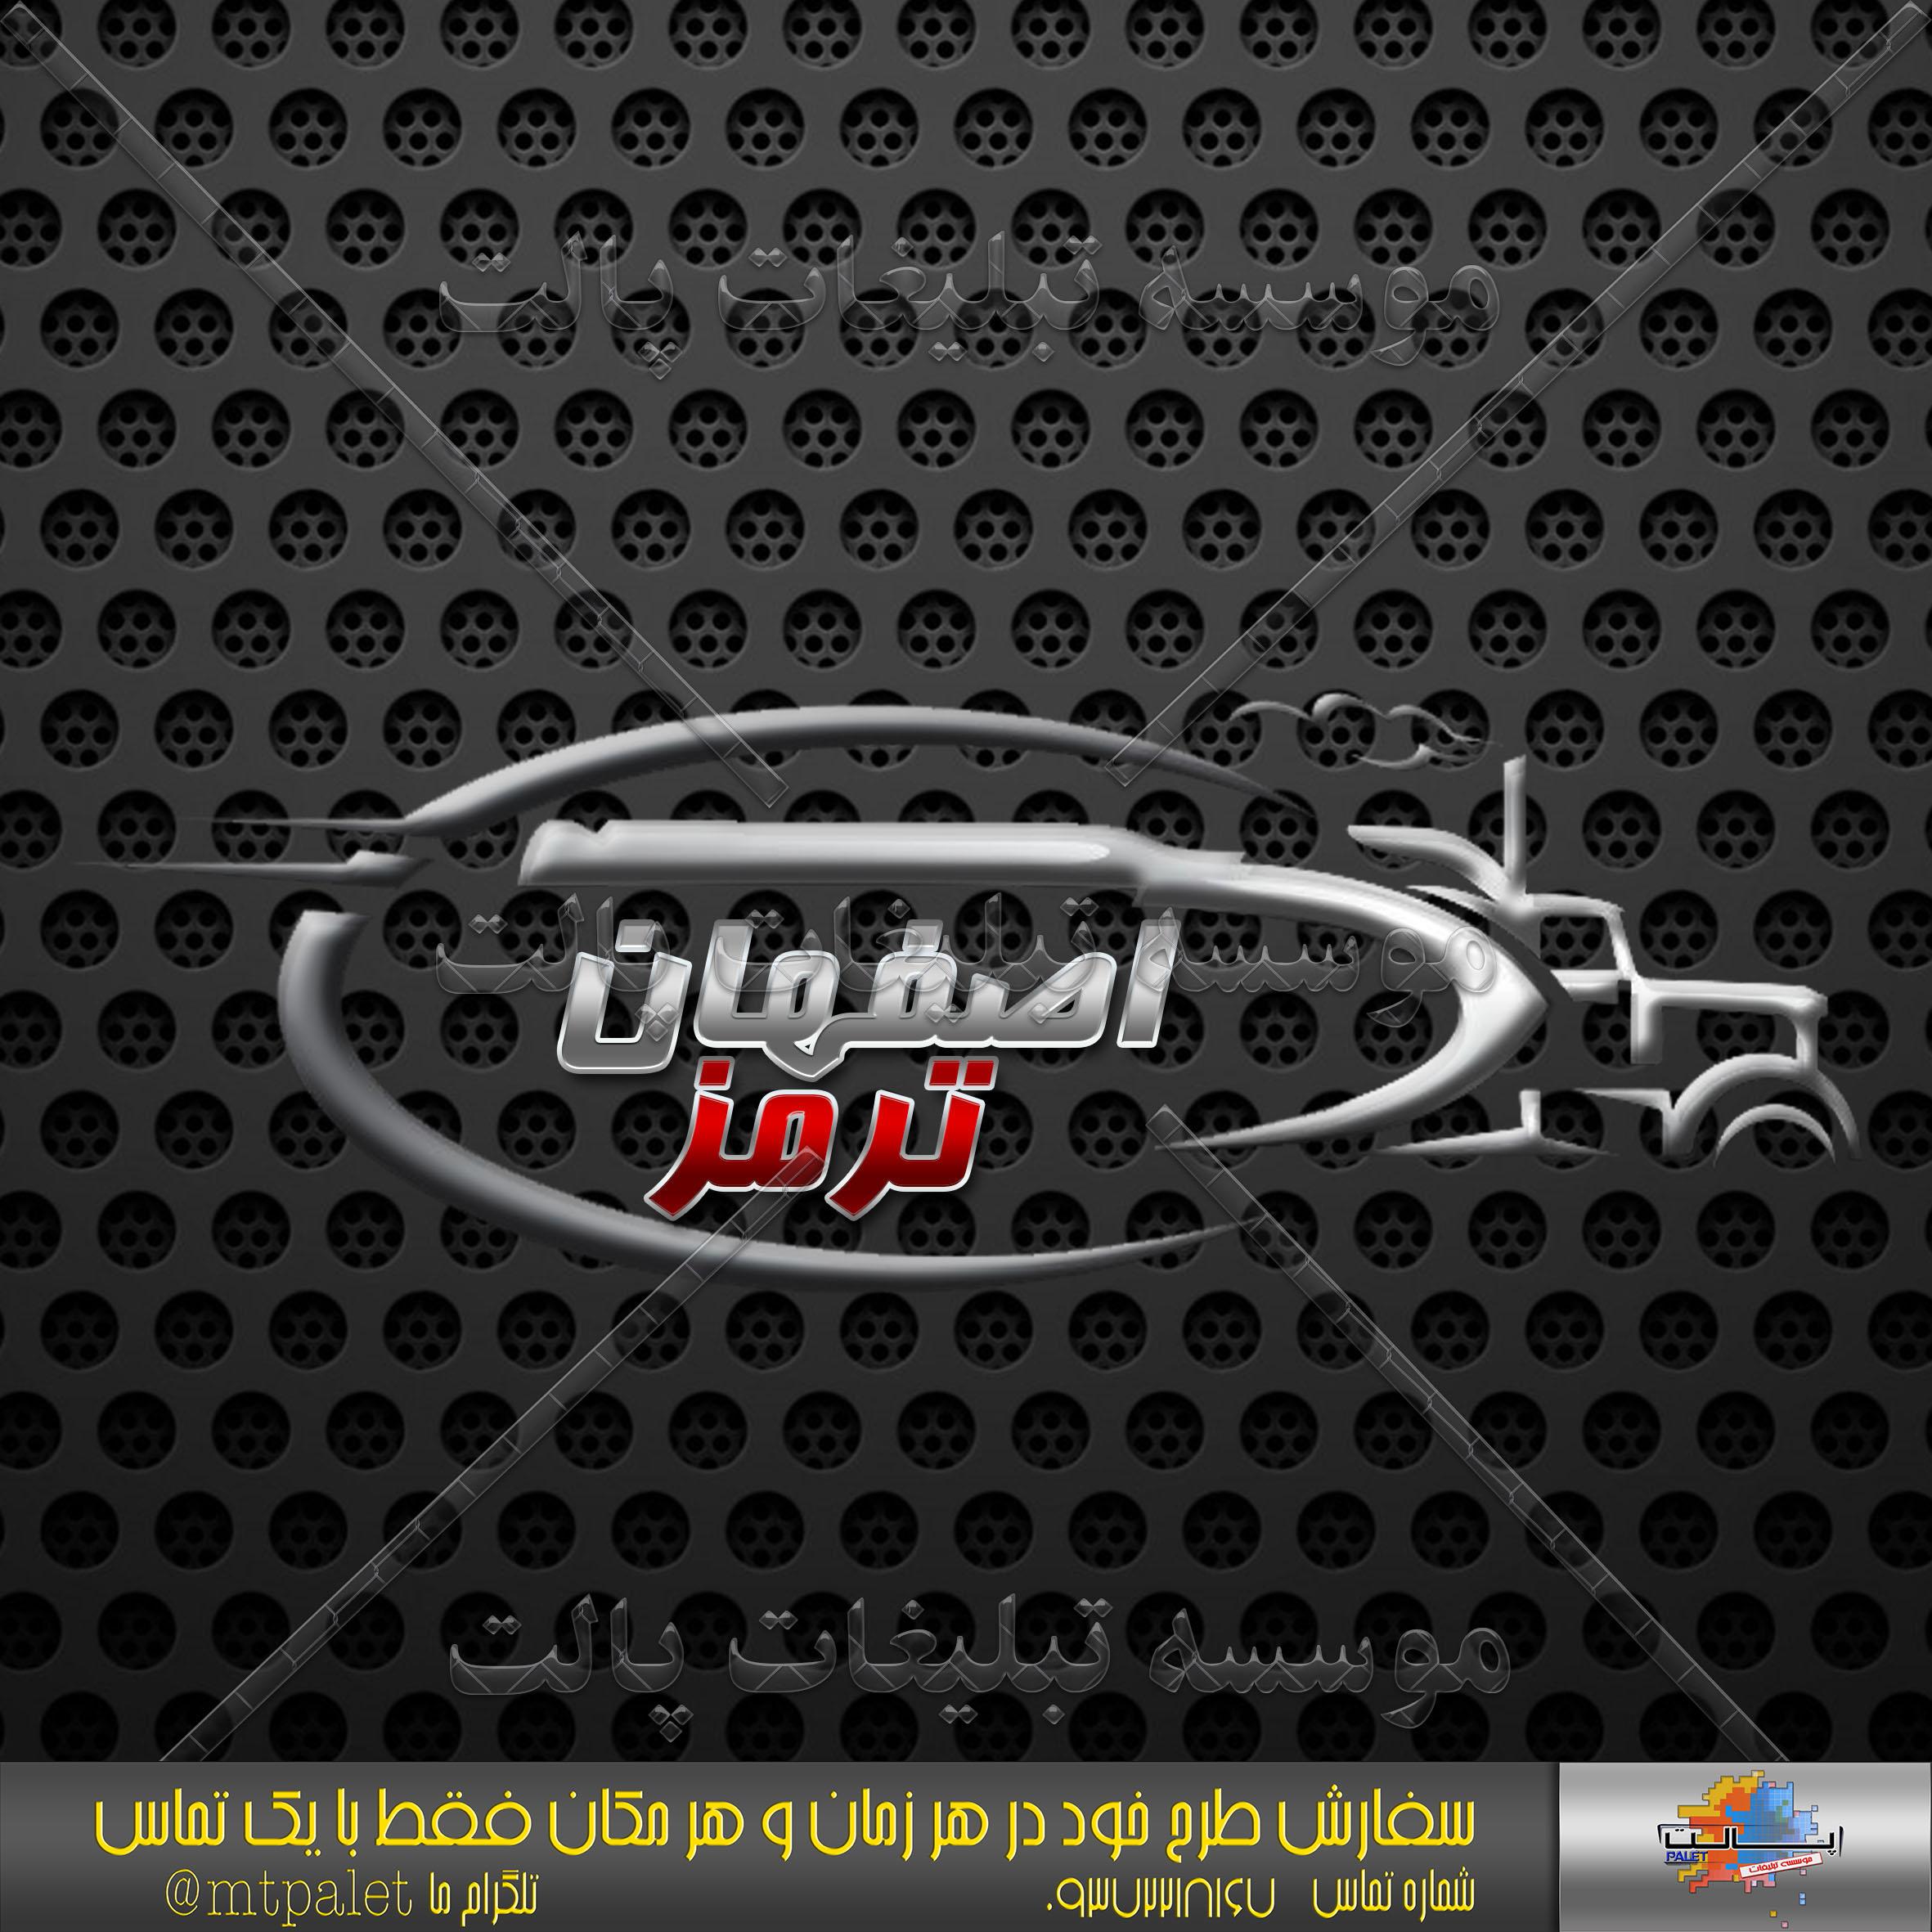 طراحی لوگو اصفهان ترمز